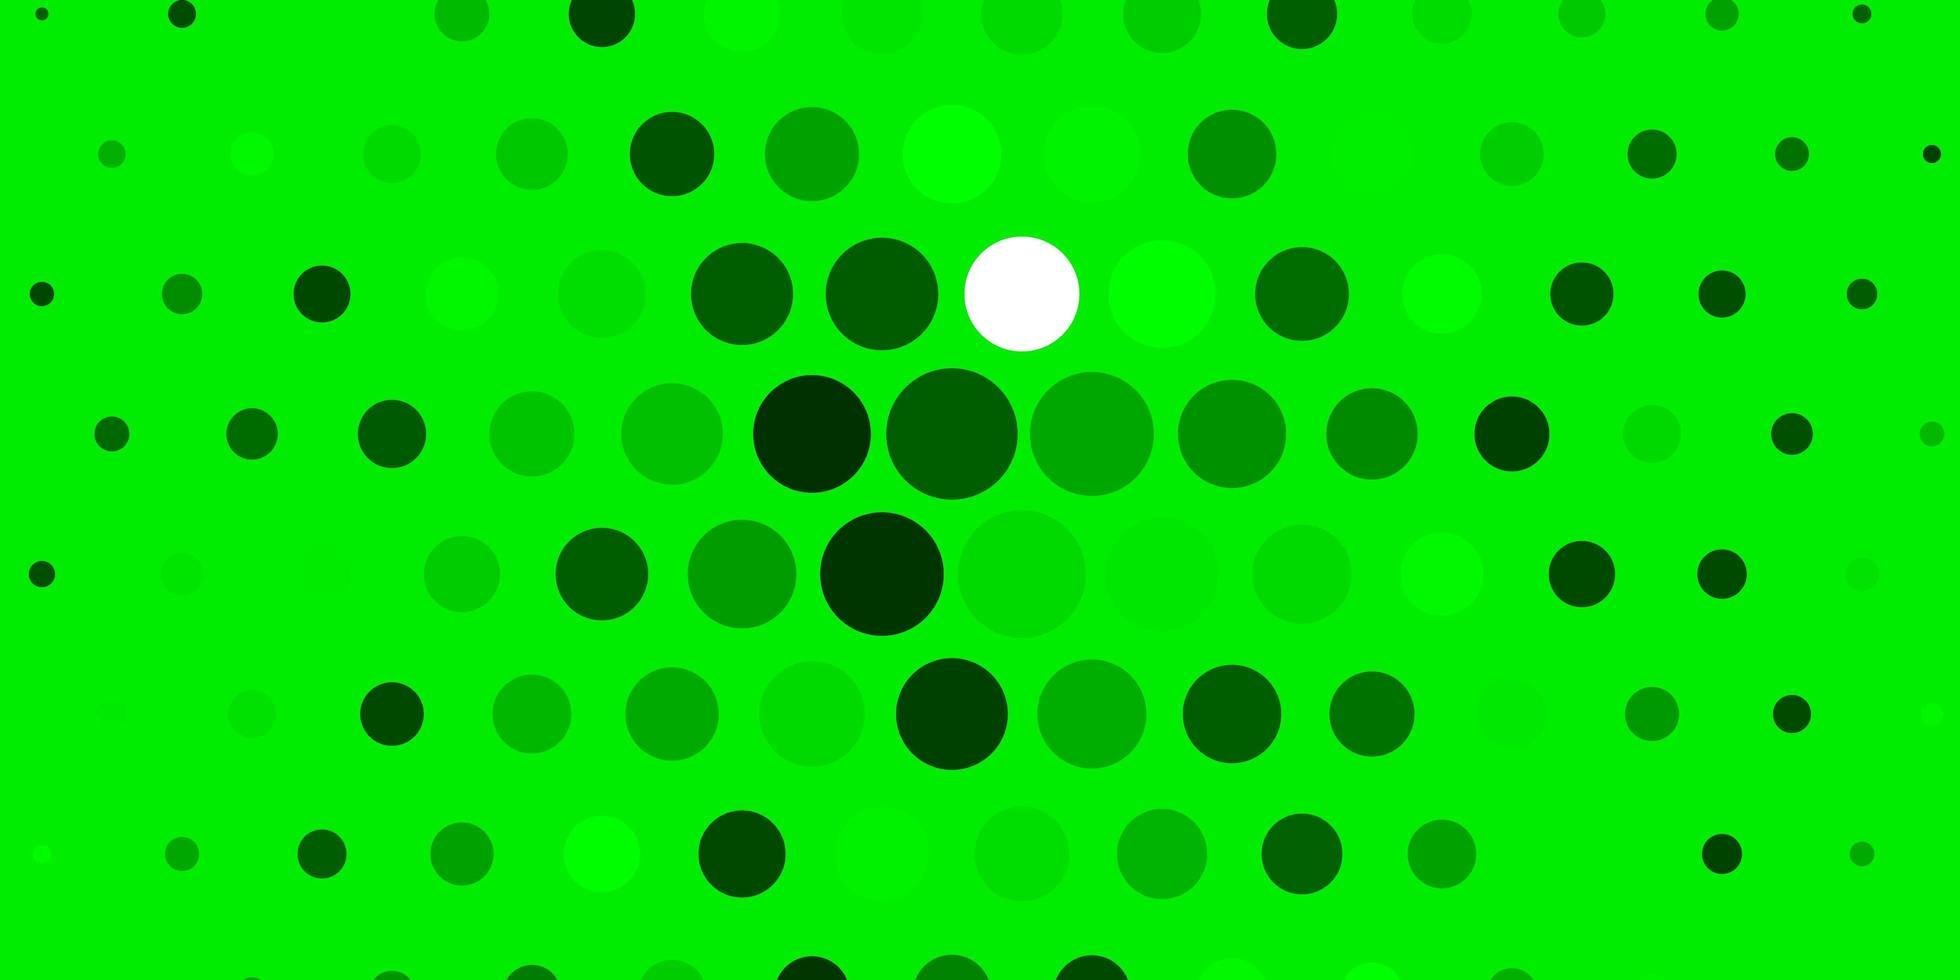 hellgrüner Hintergrund mit Kreisen. vektor